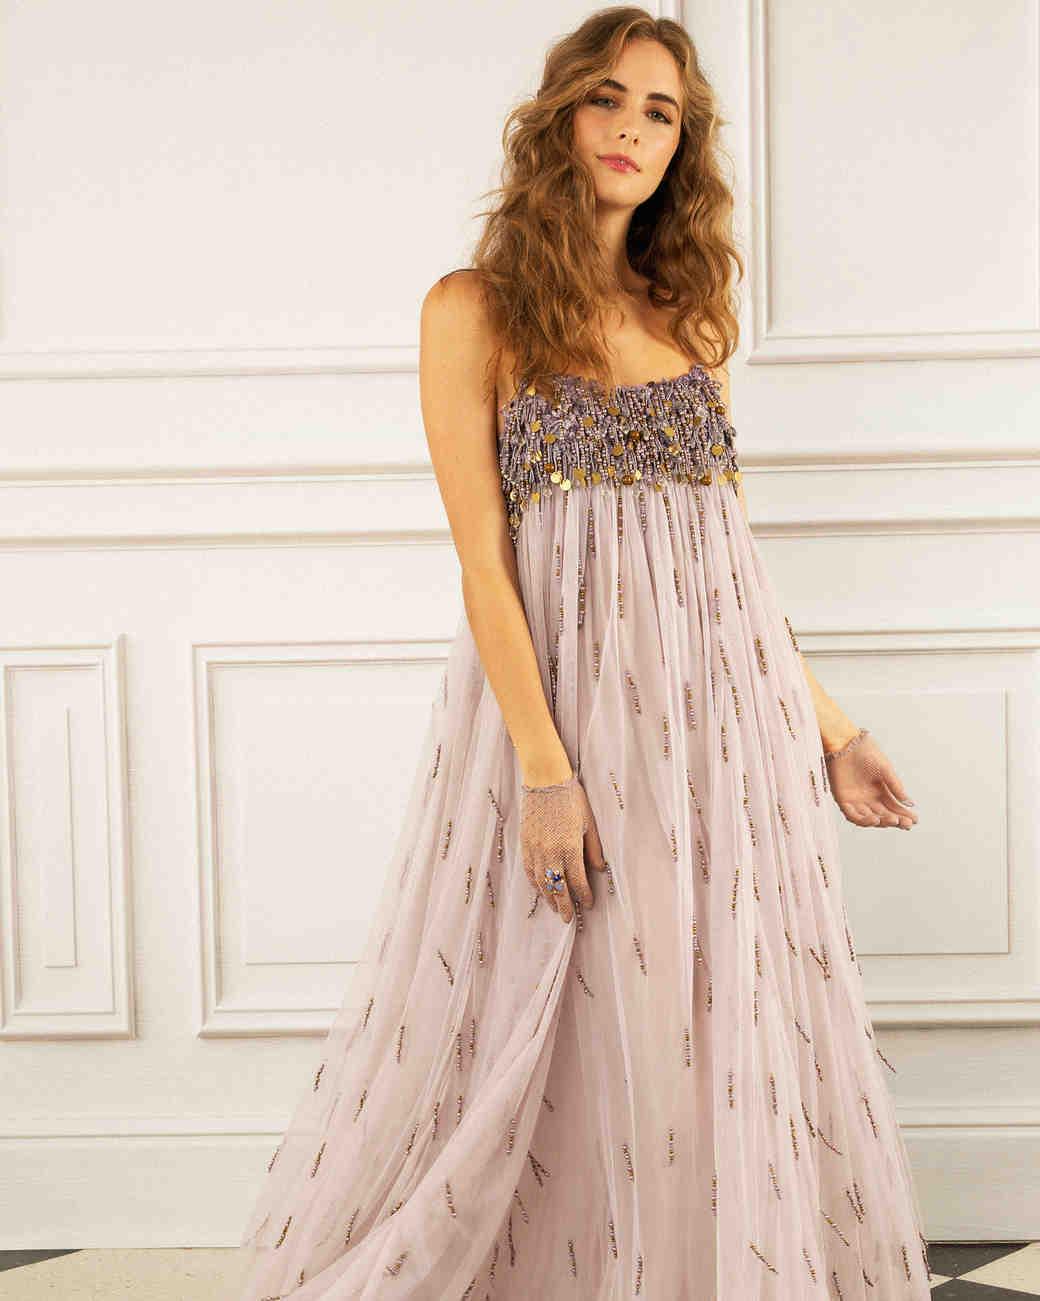 maria korovilas wedding dress spring 2017 rose gold sequin metallic